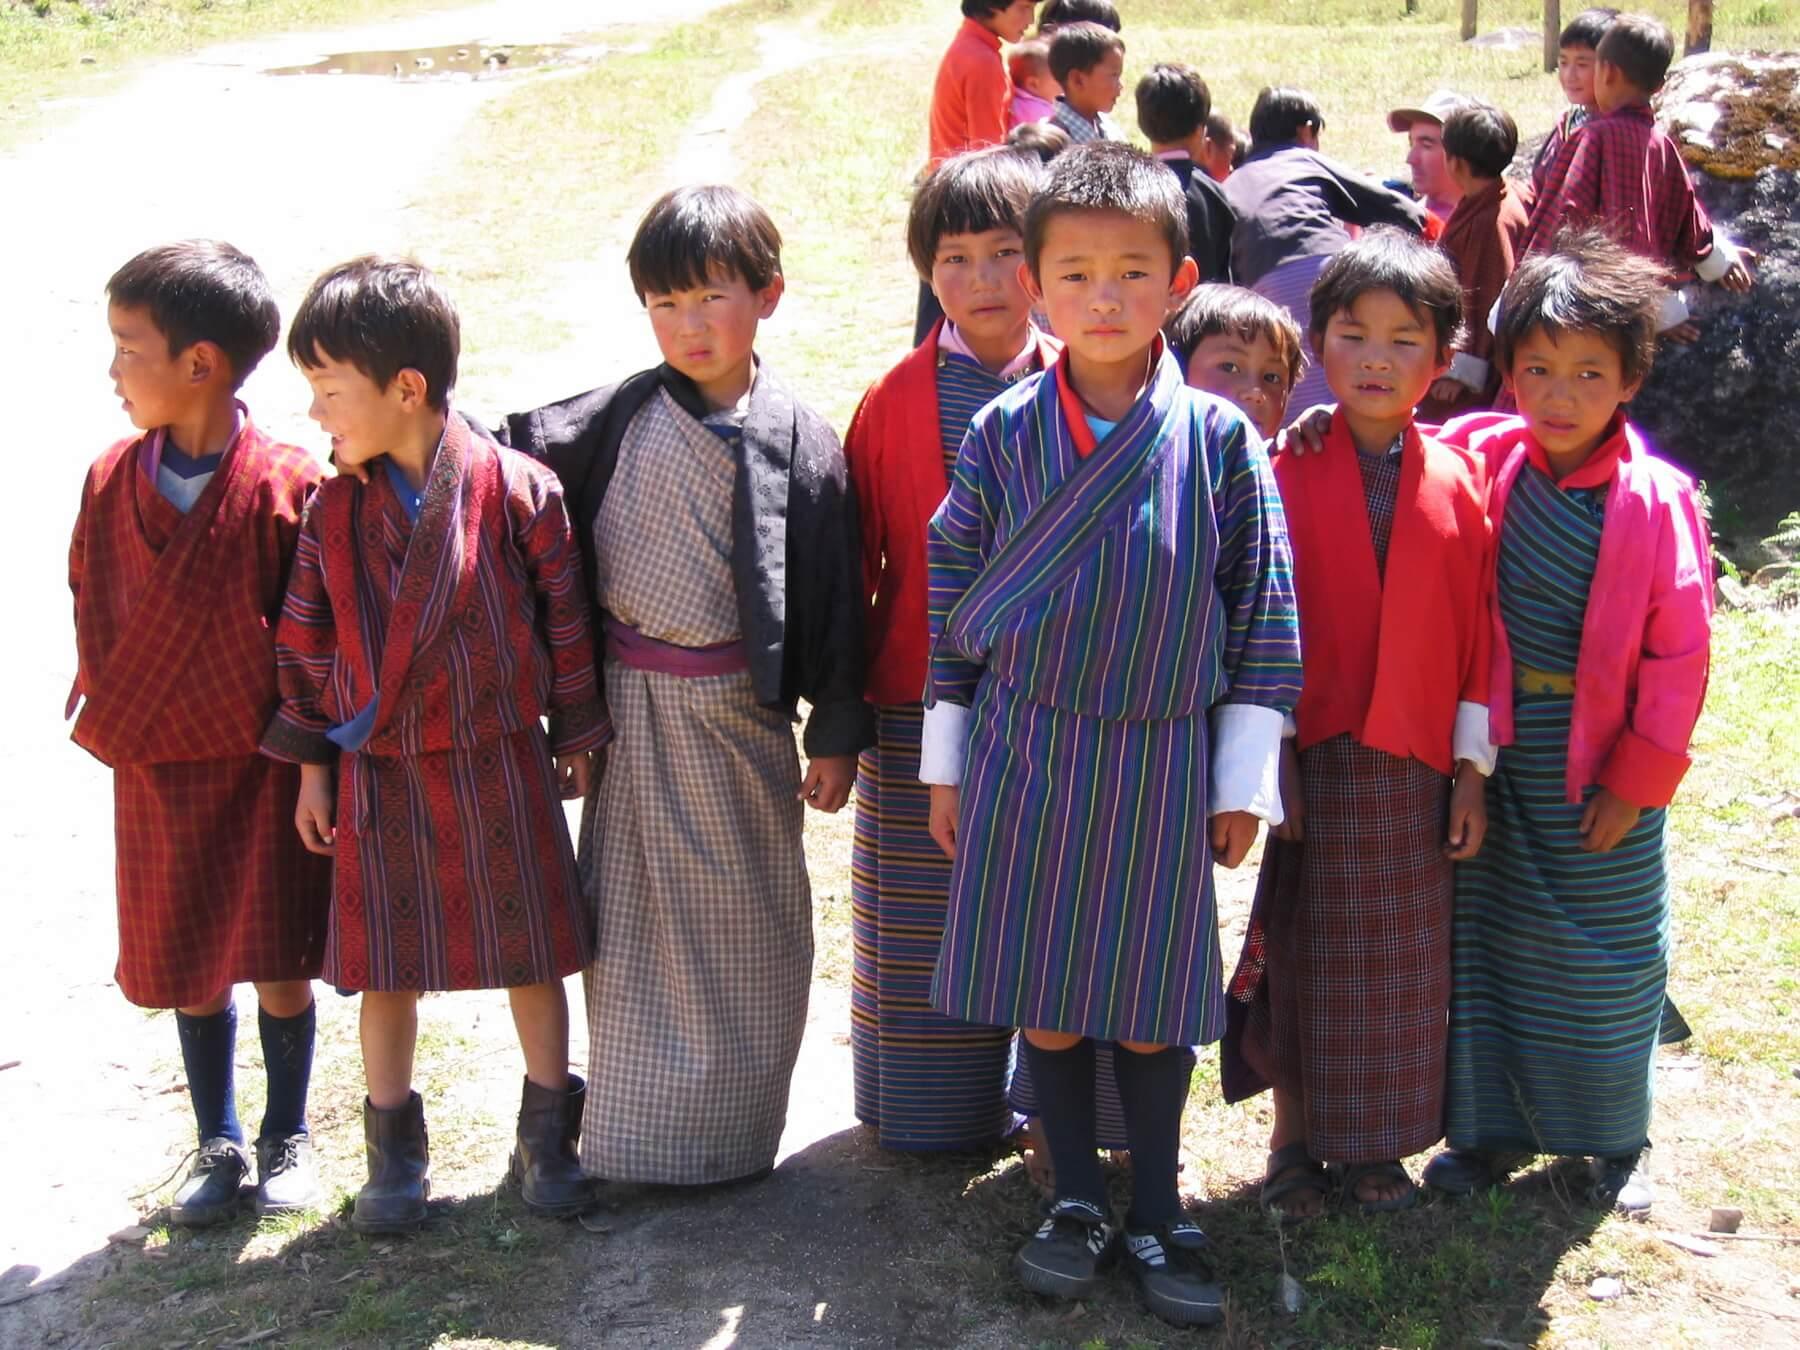 Land und Leute können während des Trekkings erfahren werden.